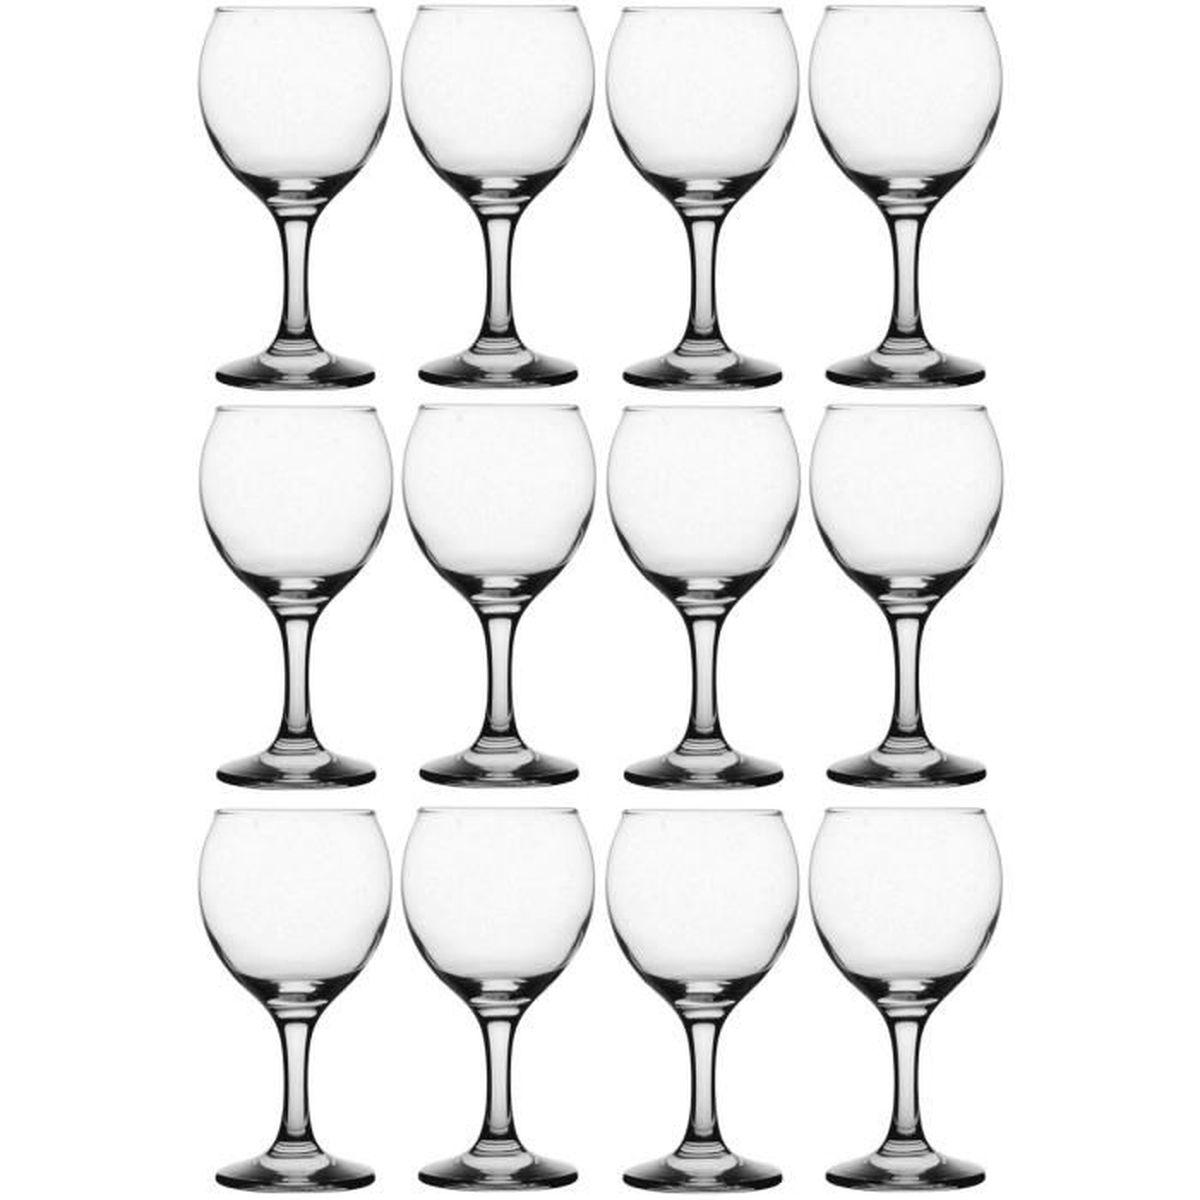 set lot 12 verre vin ballon sculpt 19 5cl contenance ideal reception repas achat vente. Black Bedroom Furniture Sets. Home Design Ideas